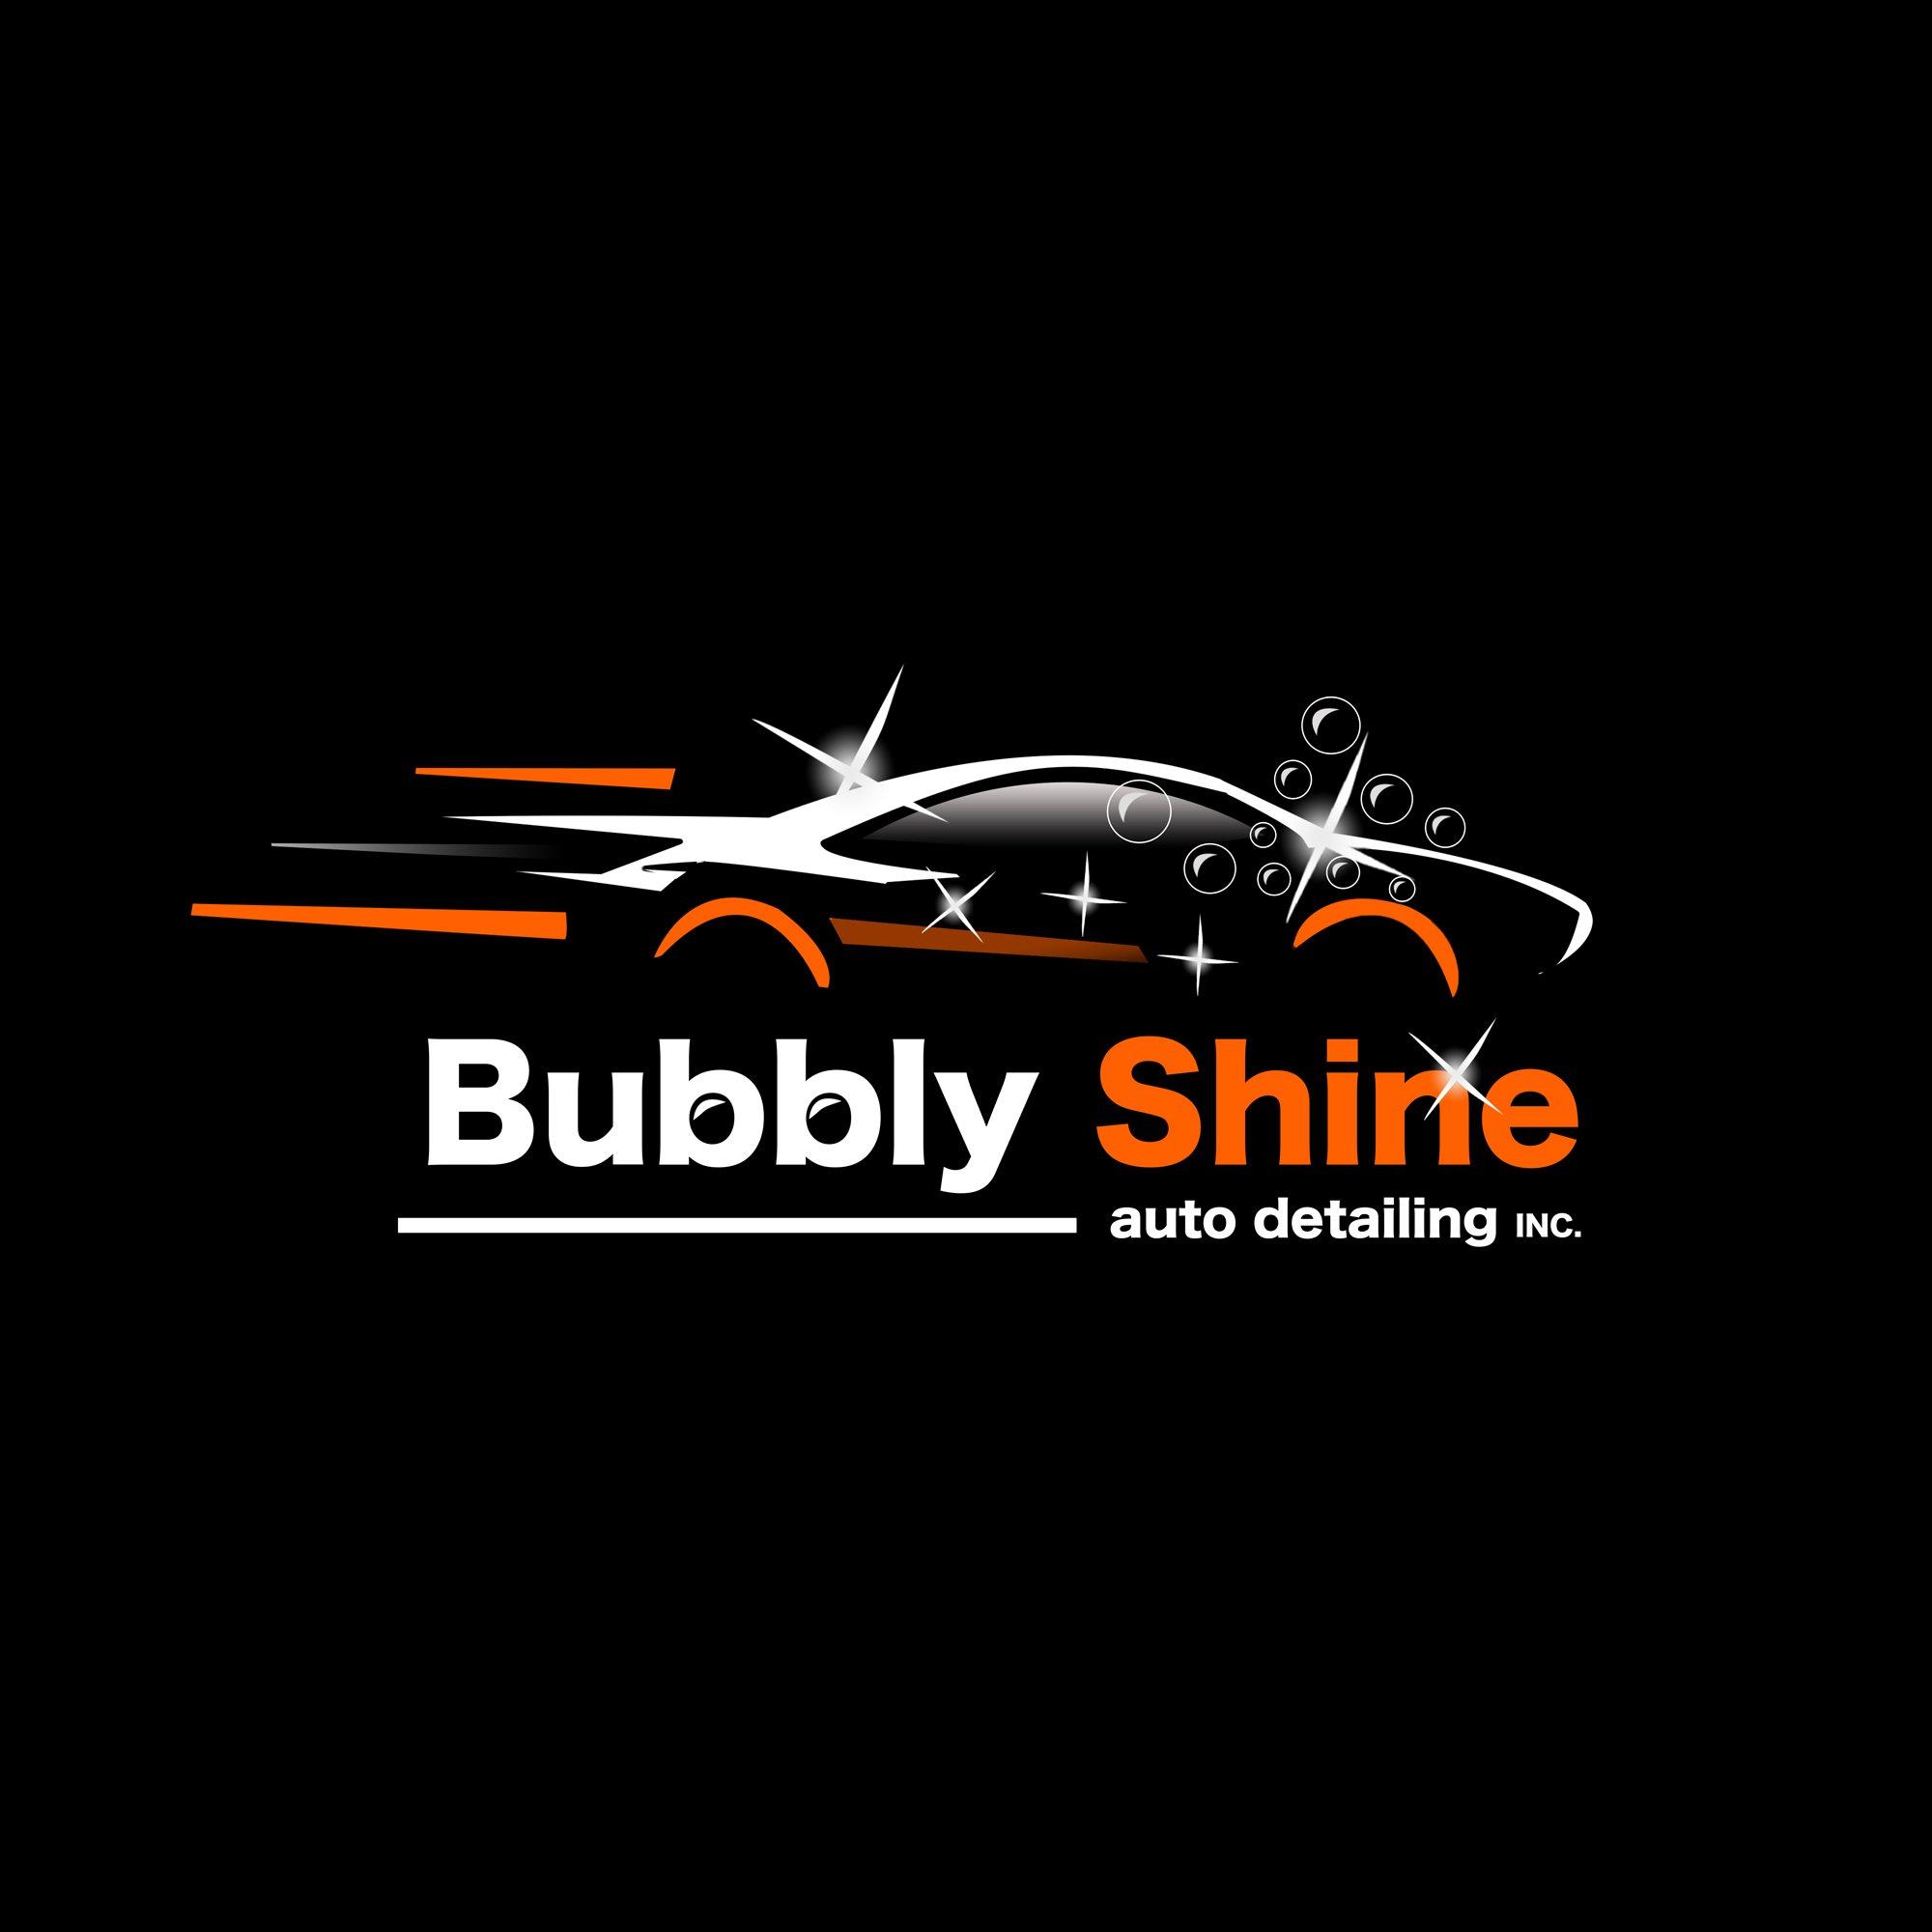 bubbly shine